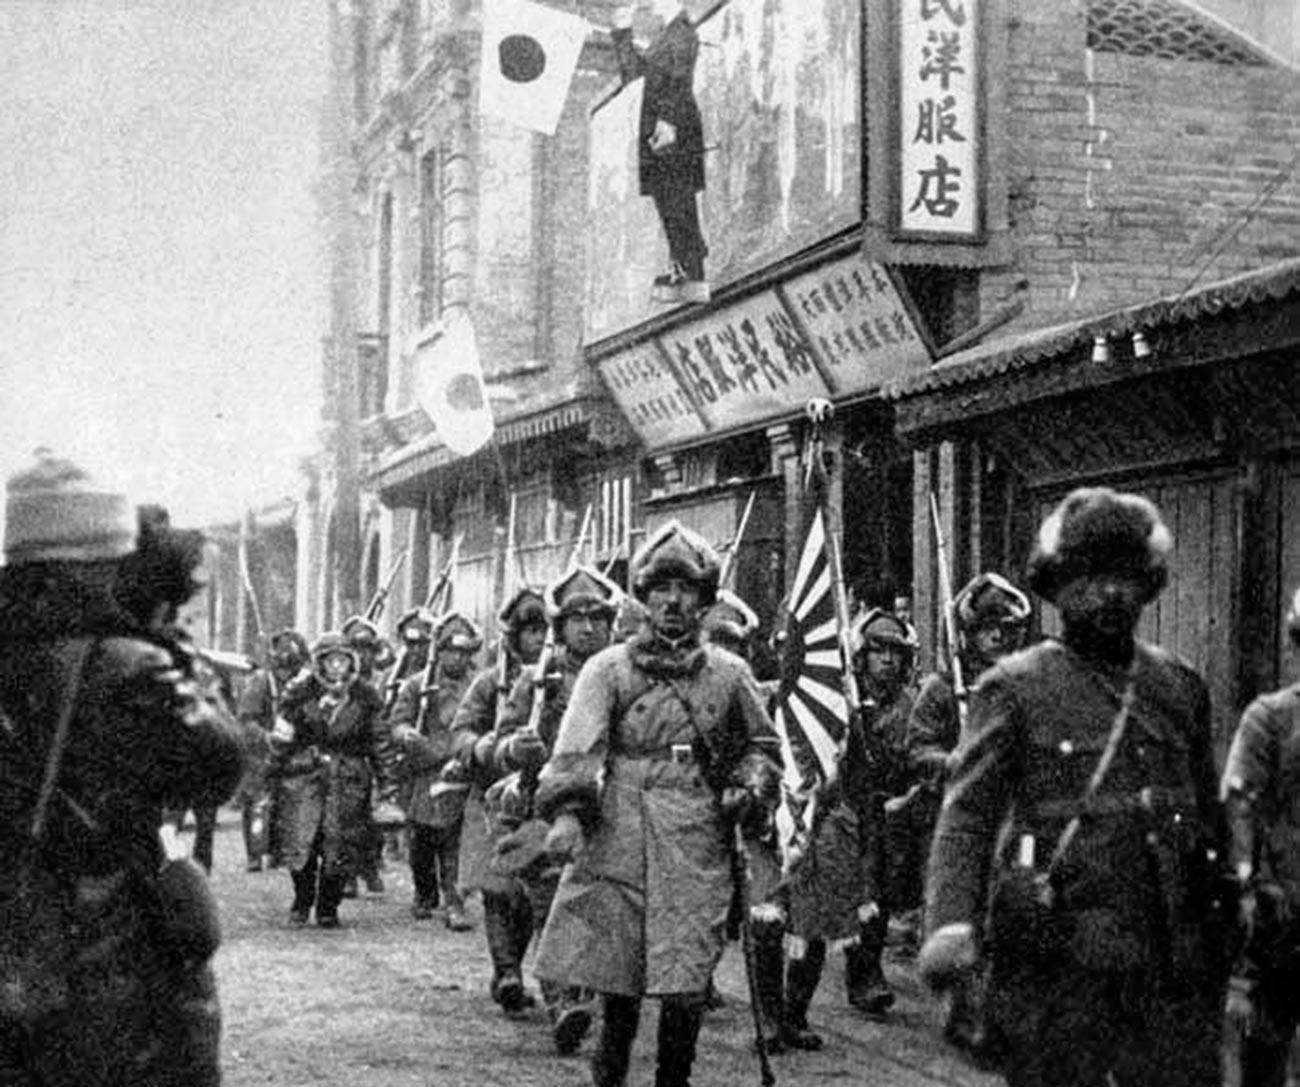 Tropas japonesas entrando em Chinchow.